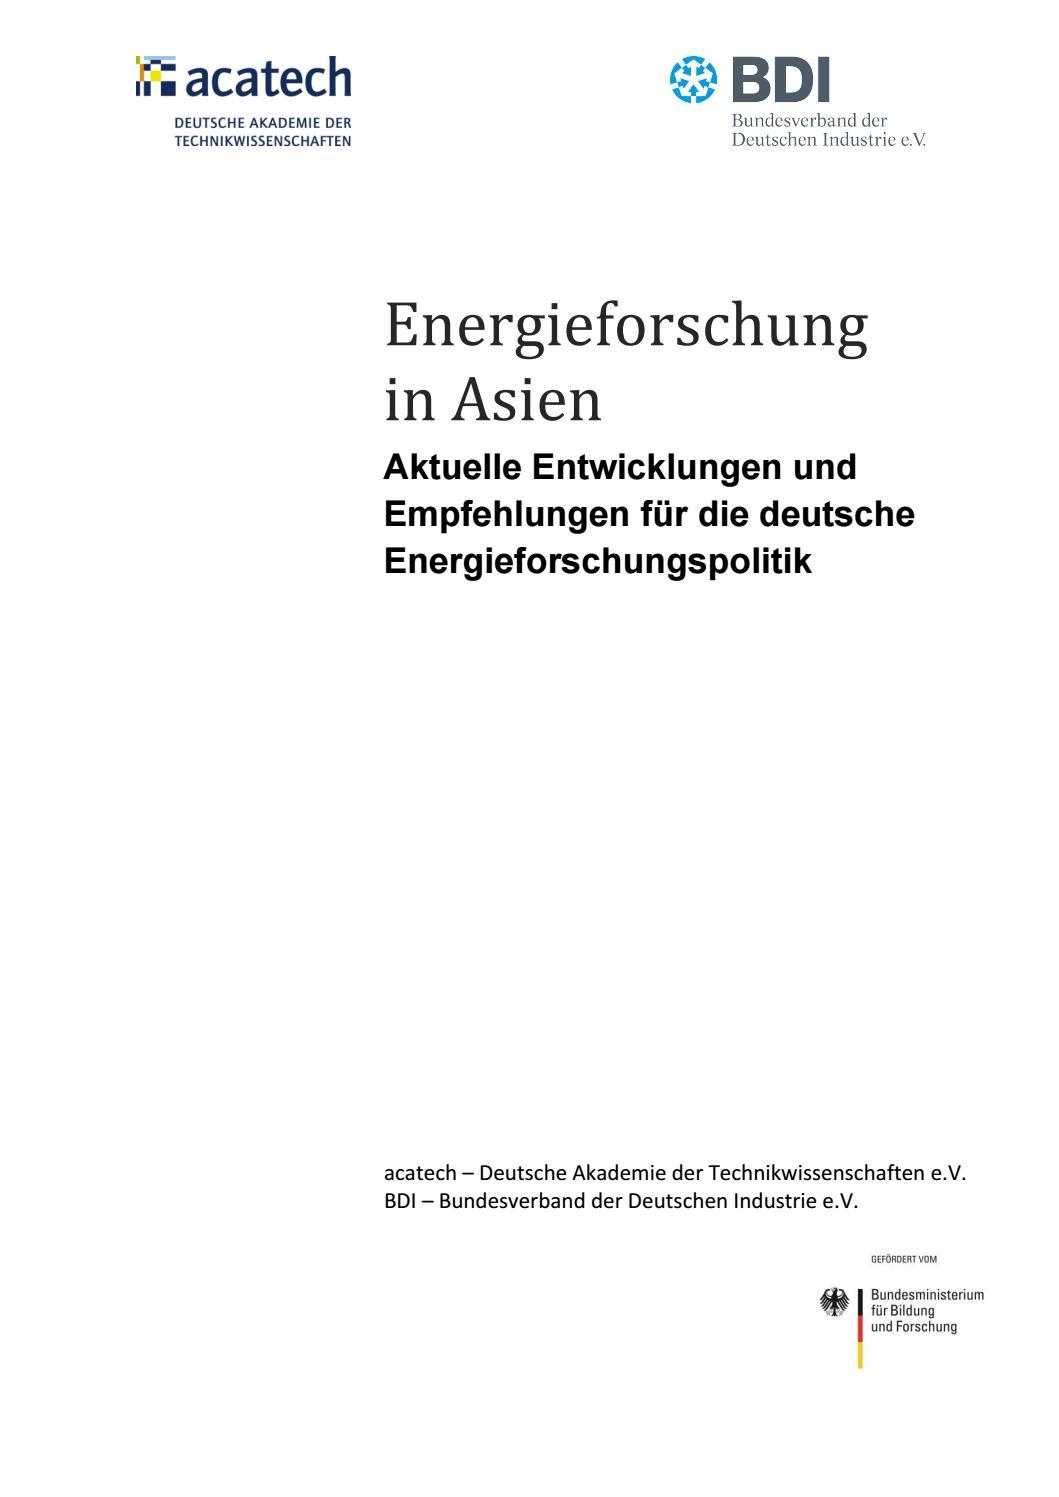 Energieforschung In Asien By Bundesverband Der Deutschen Industrie